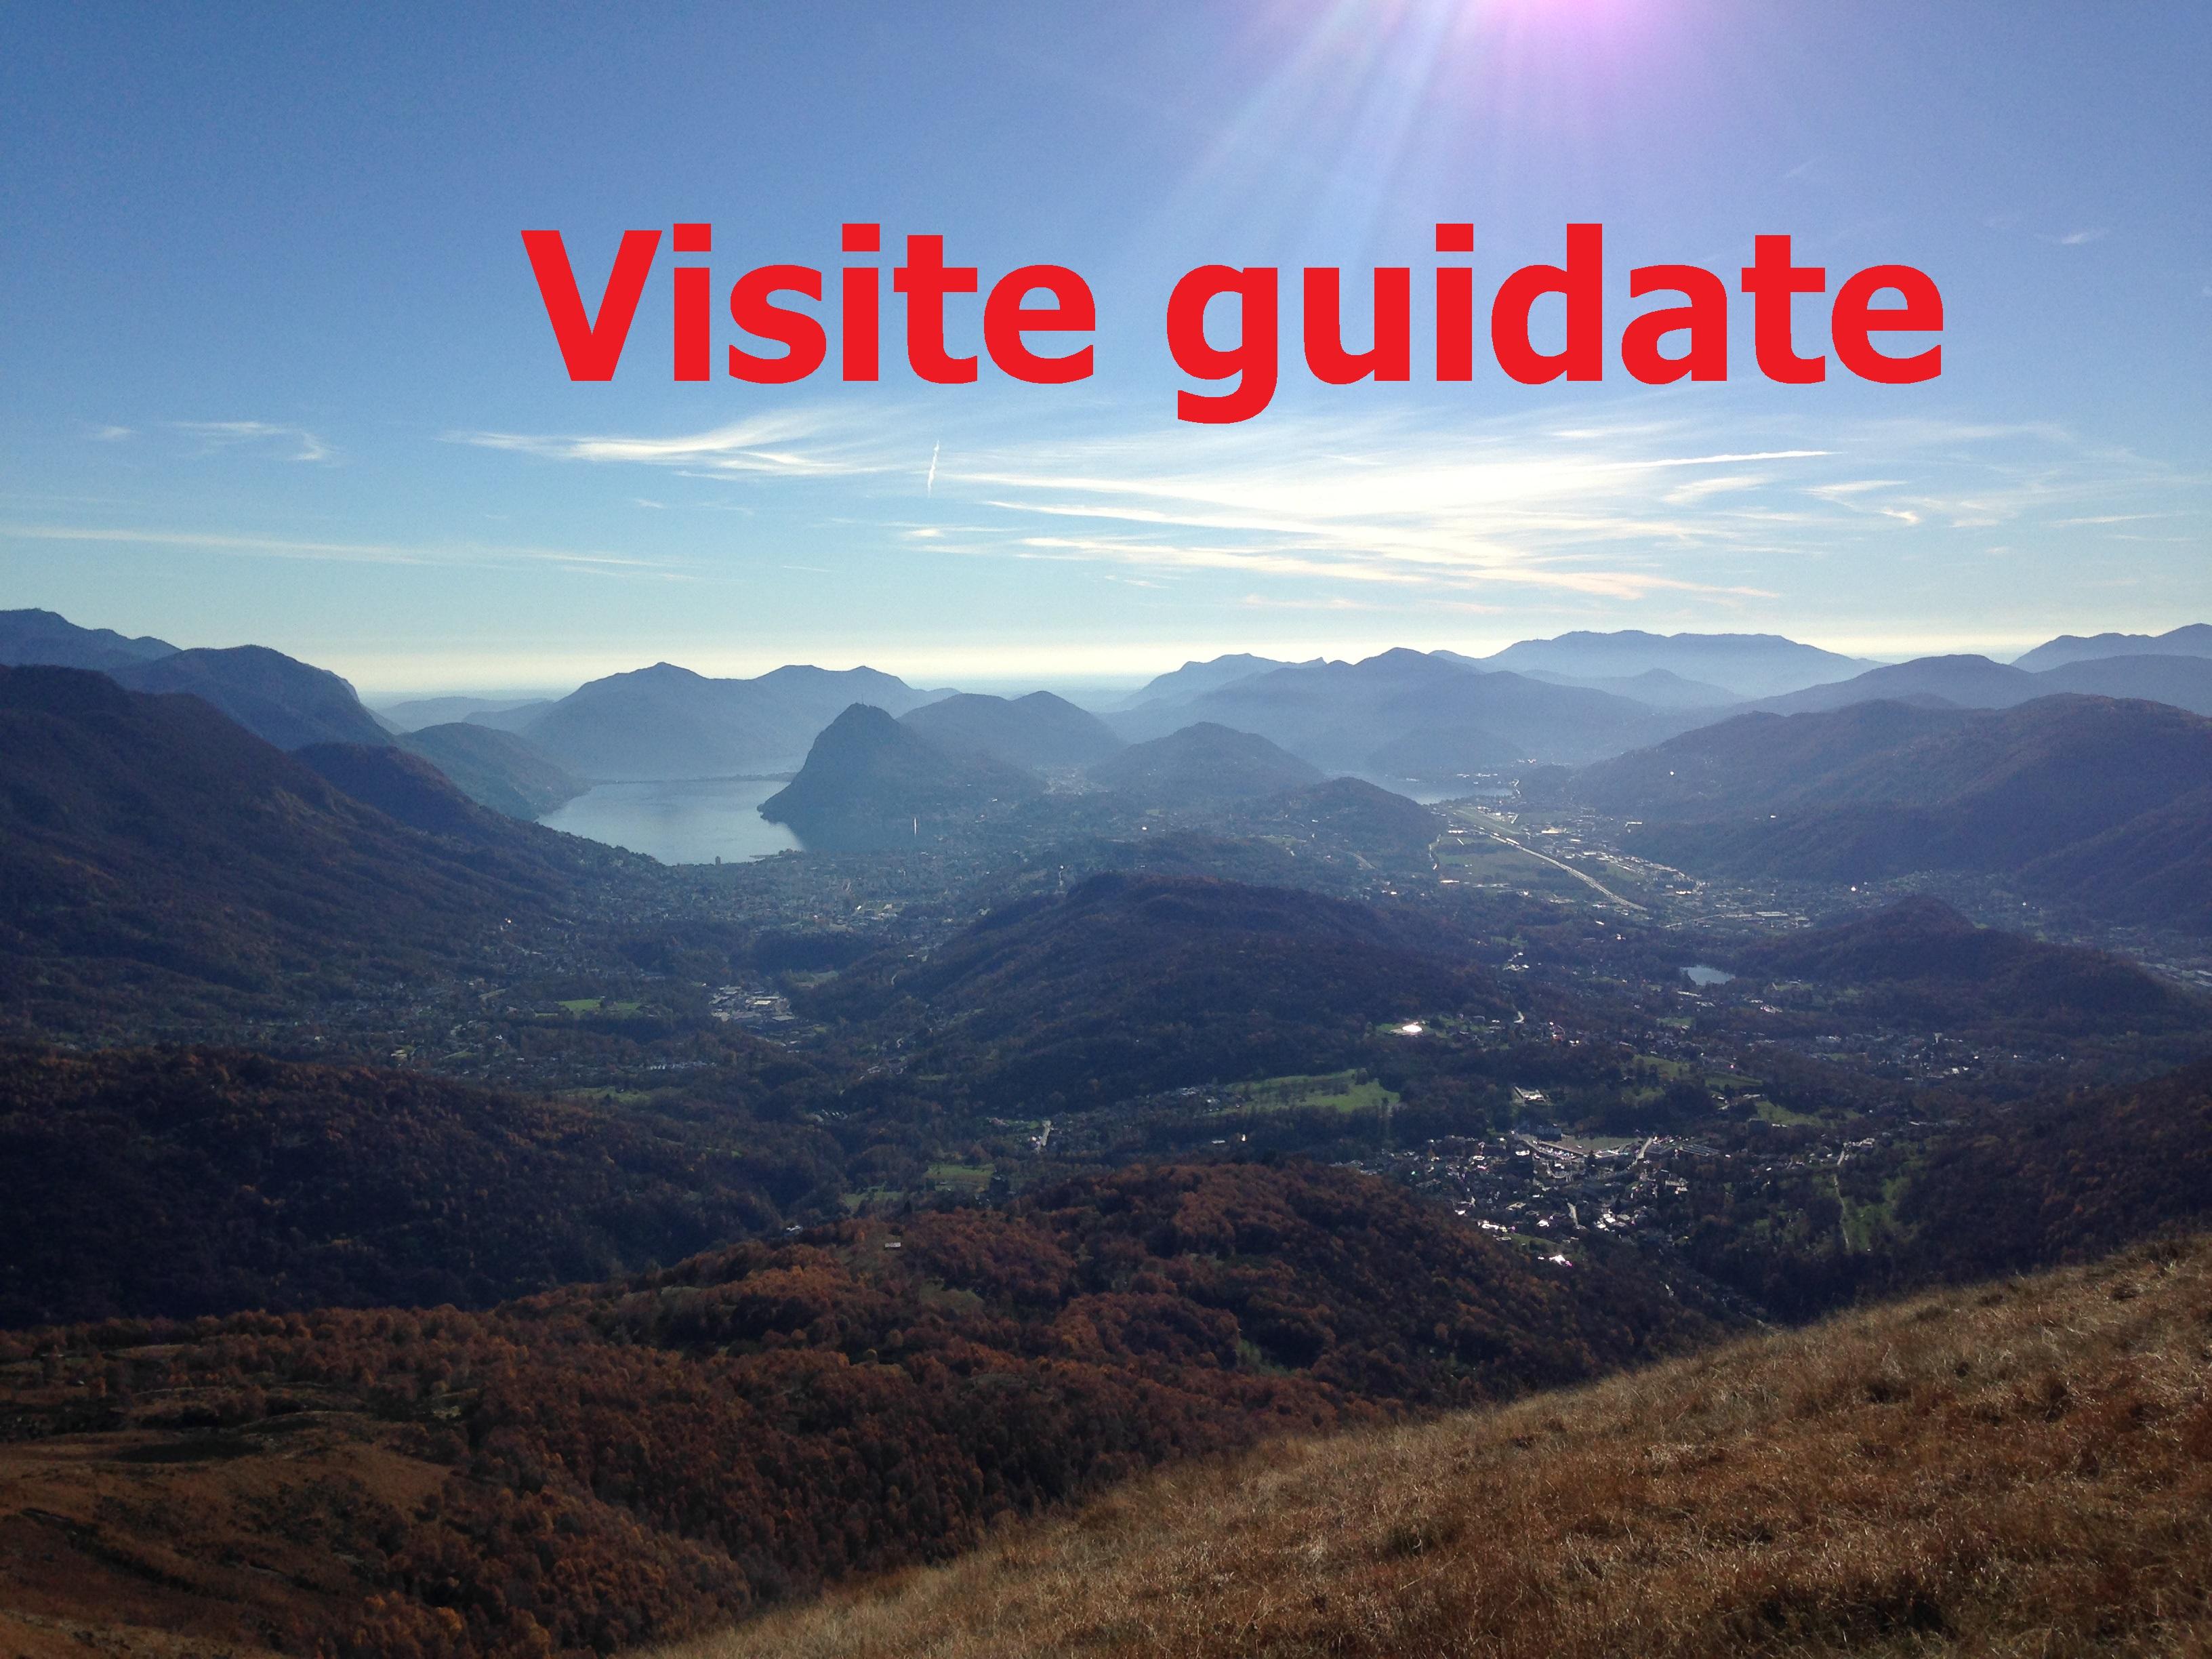 Guide Ticino - visita turistica - guida personalizzata - Ticino Lugano Bellinzona Mendrisio